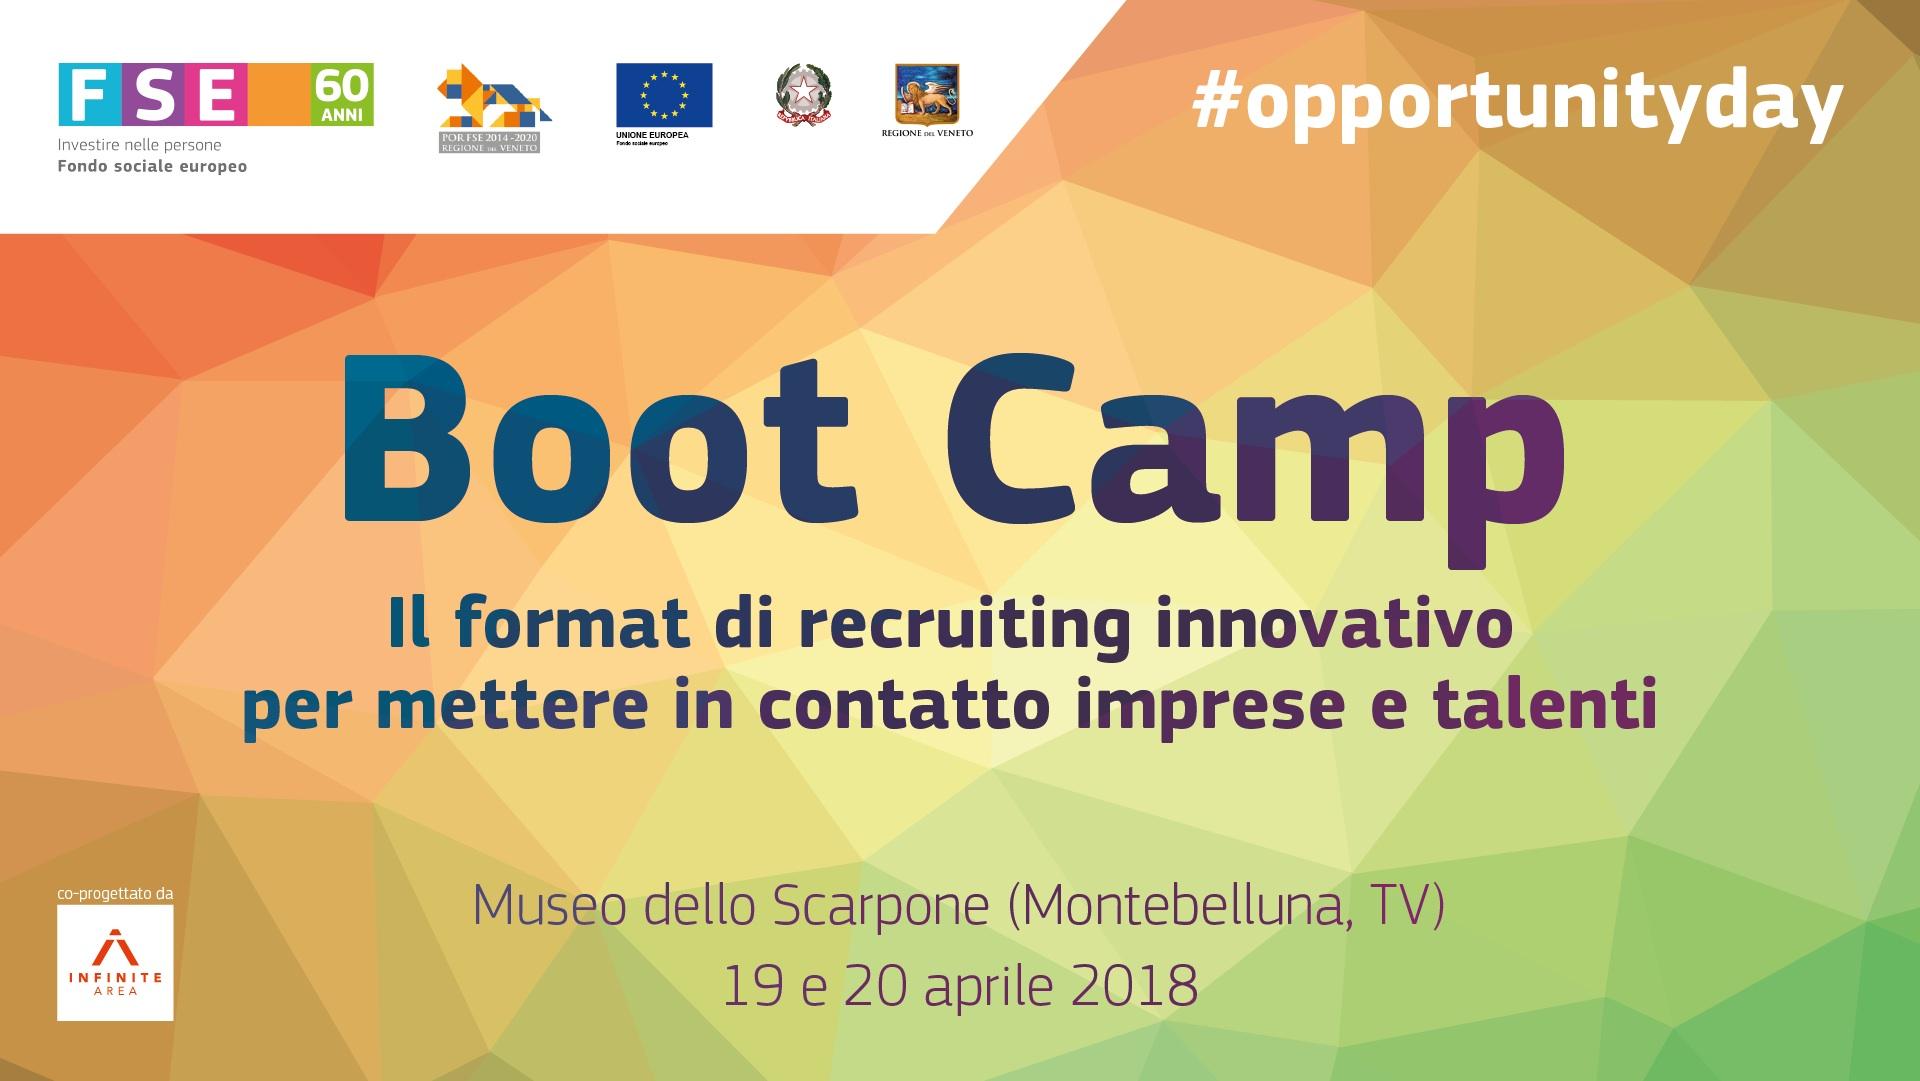 Cerchi talenti? Vieni al Boot Camp 2018